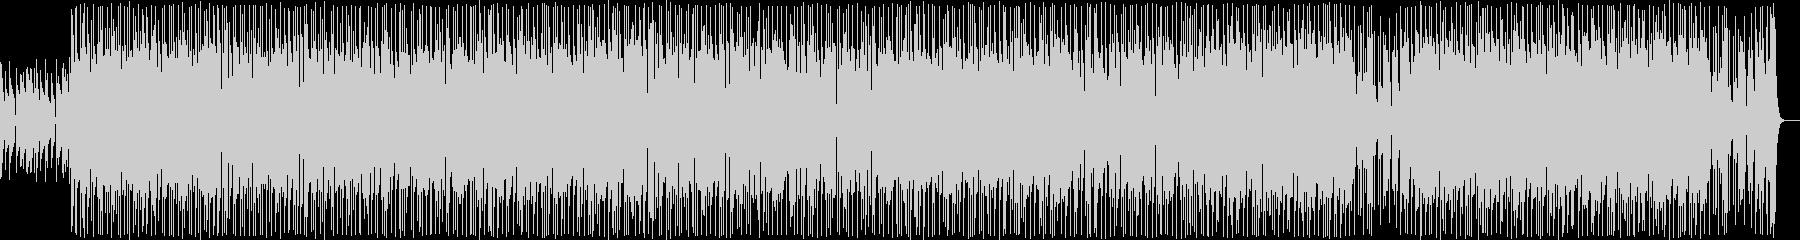 ワイルドなハードロック2の未再生の波形